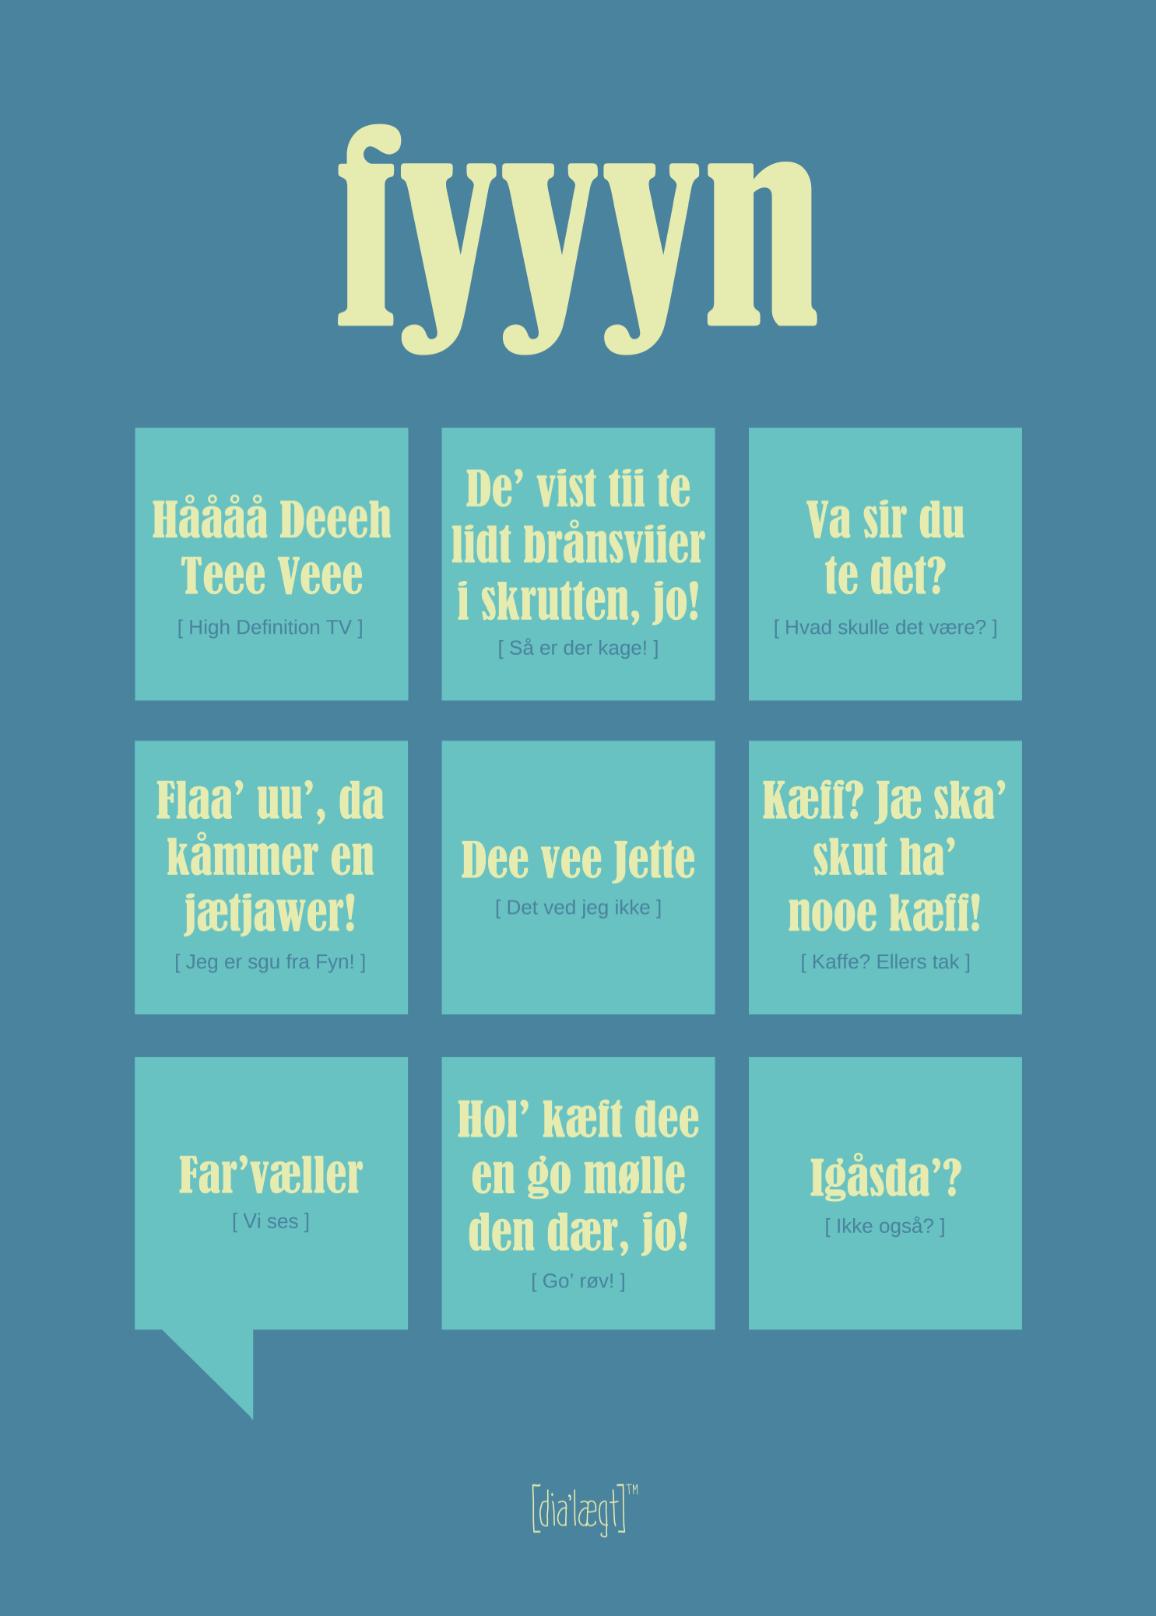 sjove udtryk på dansk